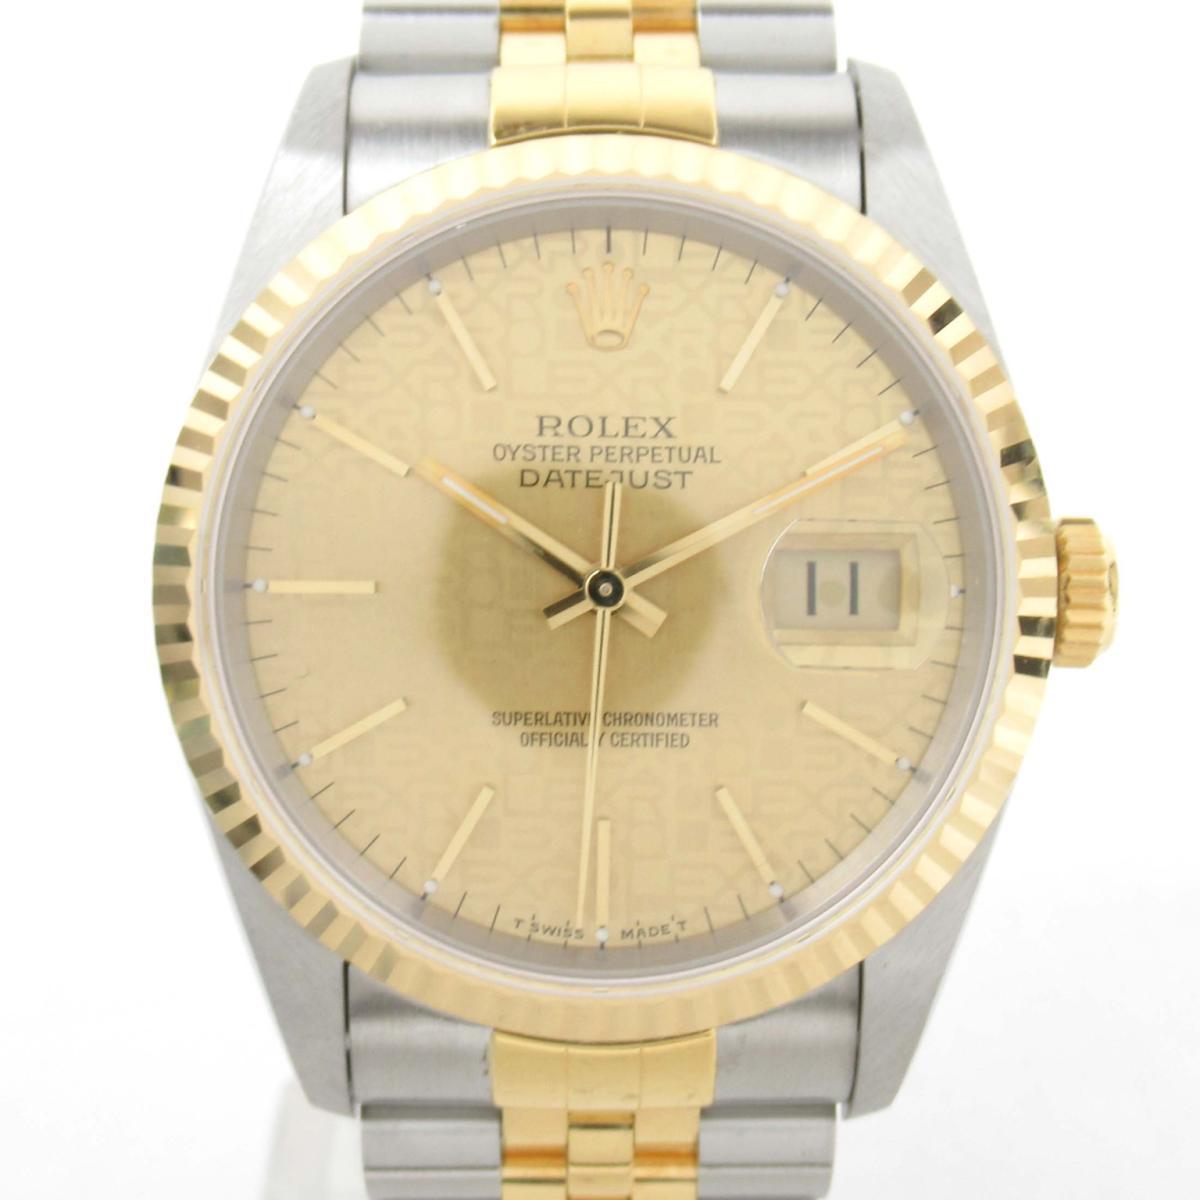 【中古】 ロレックス デイトジャスト ウォッチ 腕時計 メンズ K18YG (750)イエローゴールド x ステンレススチール (16233 S番 腕時計)   ROLEX BRANDOFF ブランドオフ ブランド ブランド時計 ブランド腕時計 時計